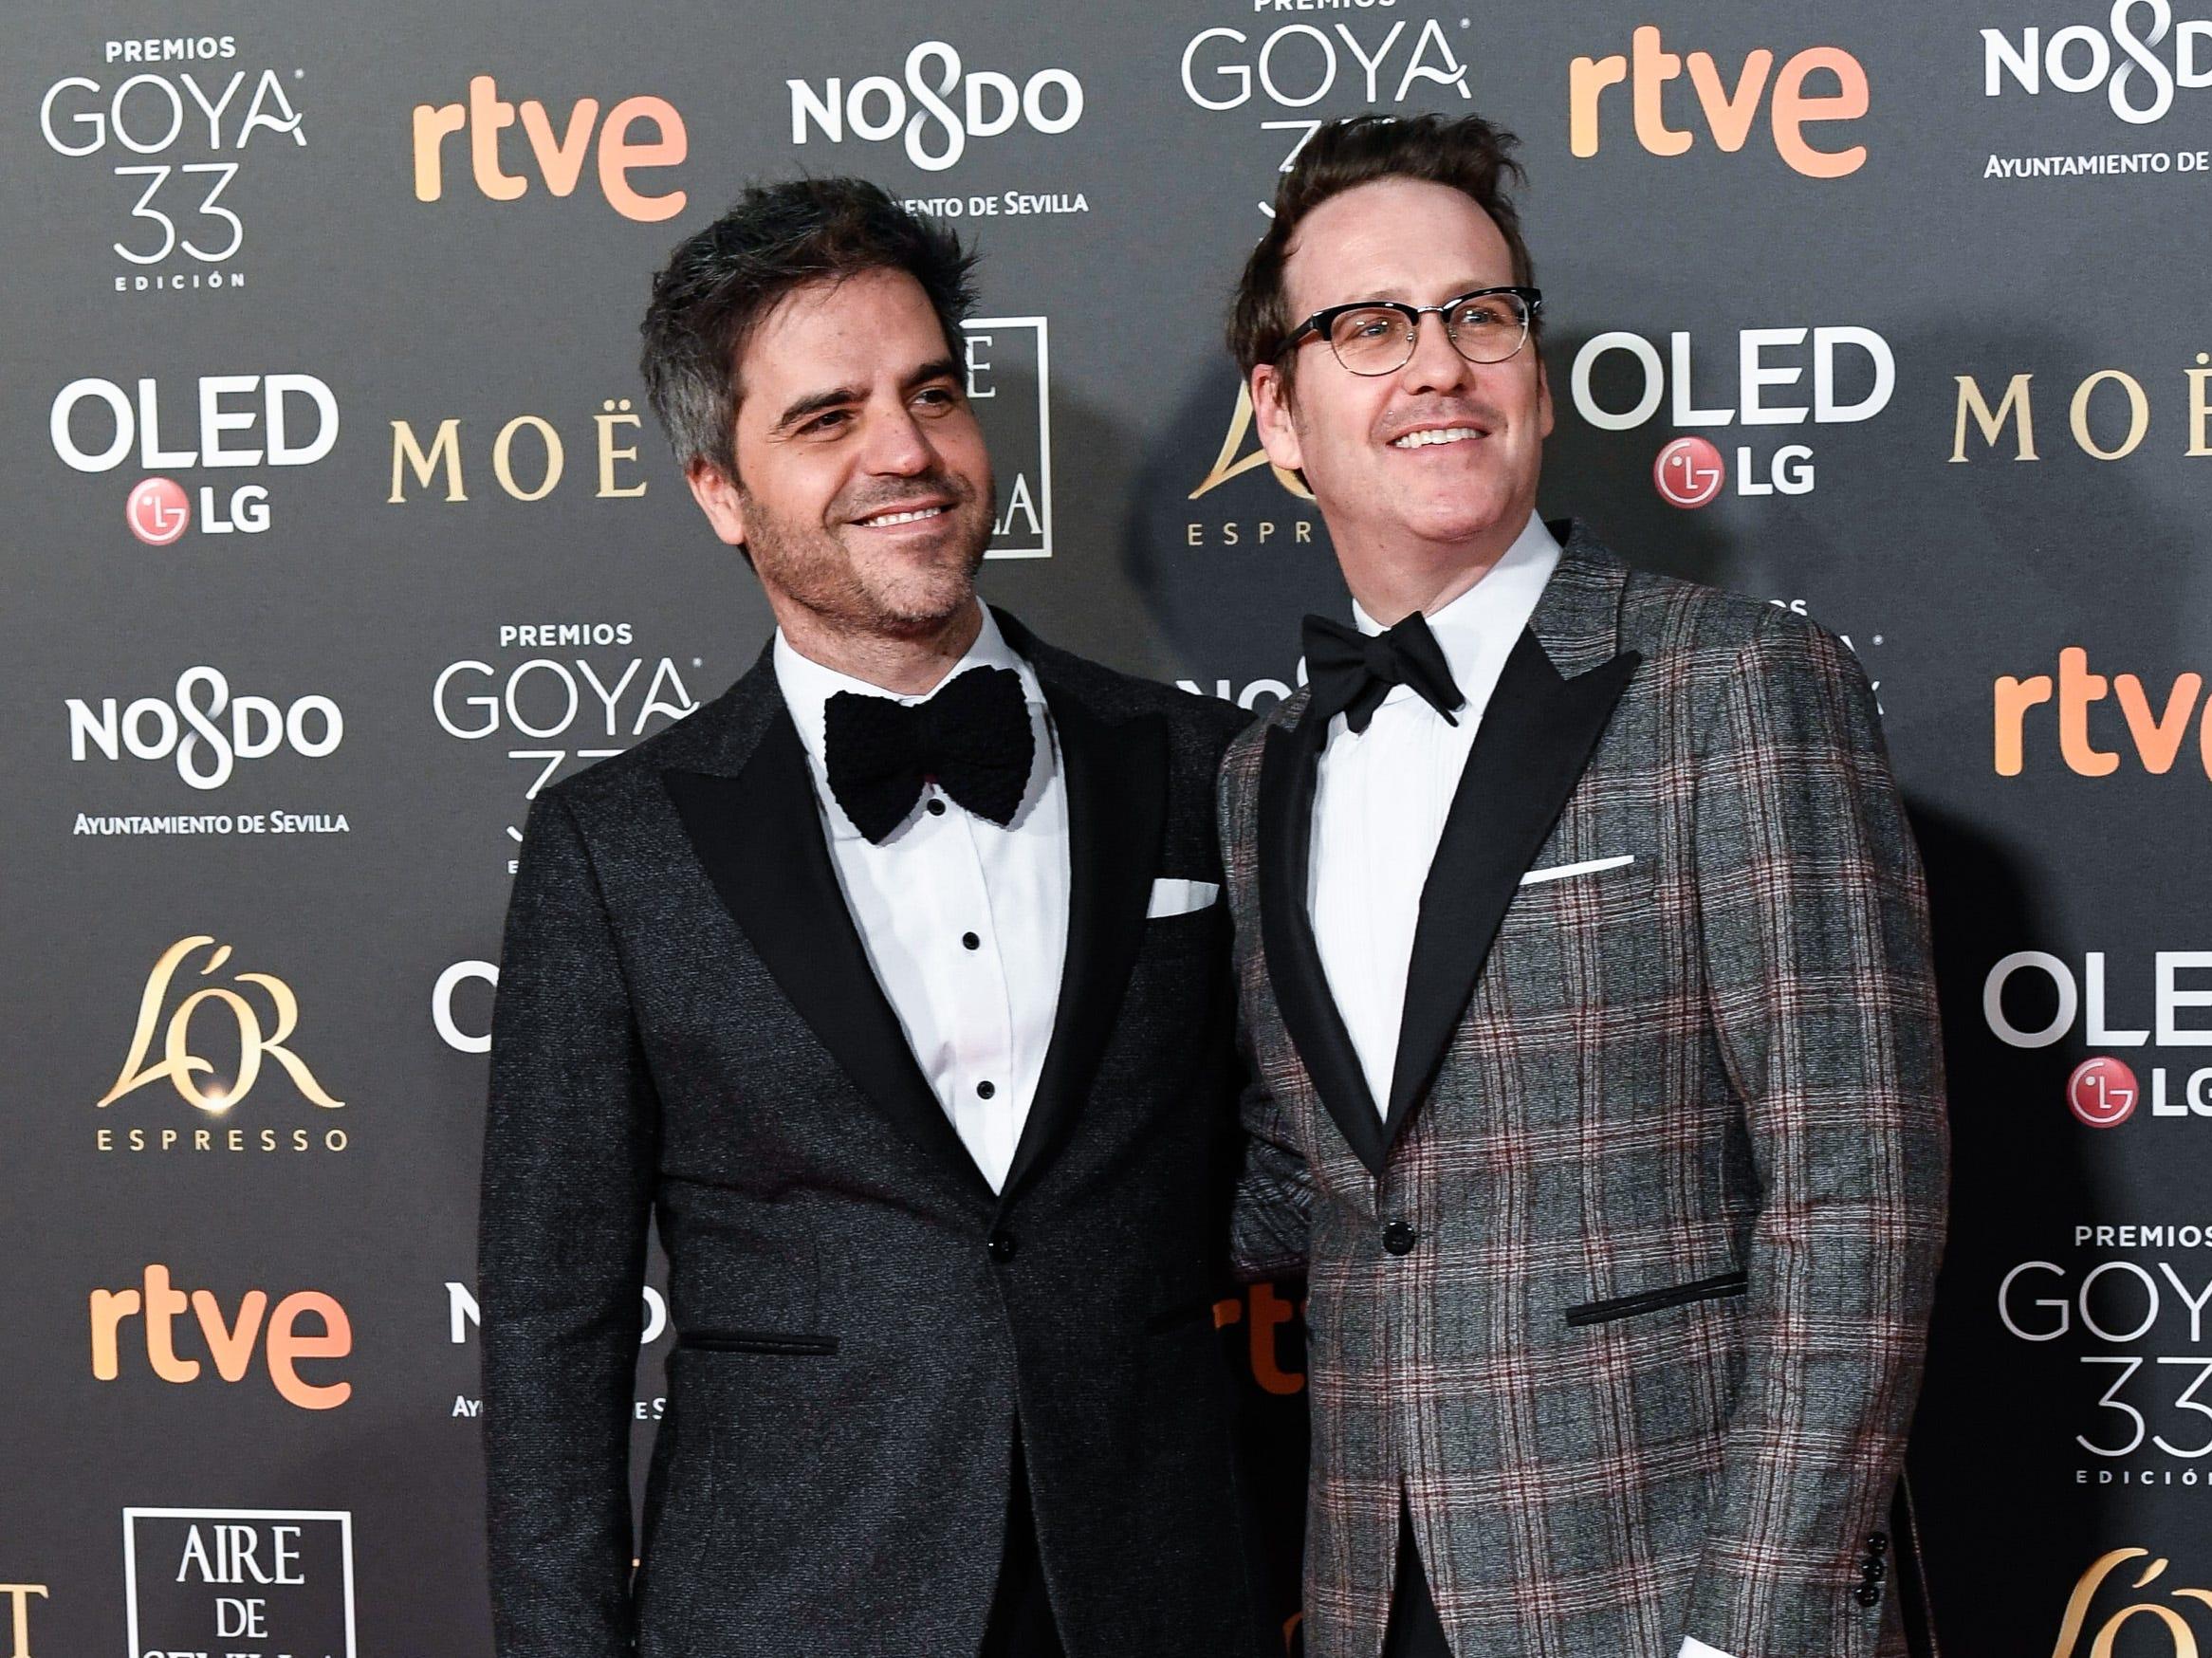 Ernesto Sevilla y Joaquin Reyes asisten a la 33ª edición de los Premios de Cine Goya en el Palacio de Congresos y Exposiciones FIBES el 2 de febrero de 2019 en Sevilla, España.